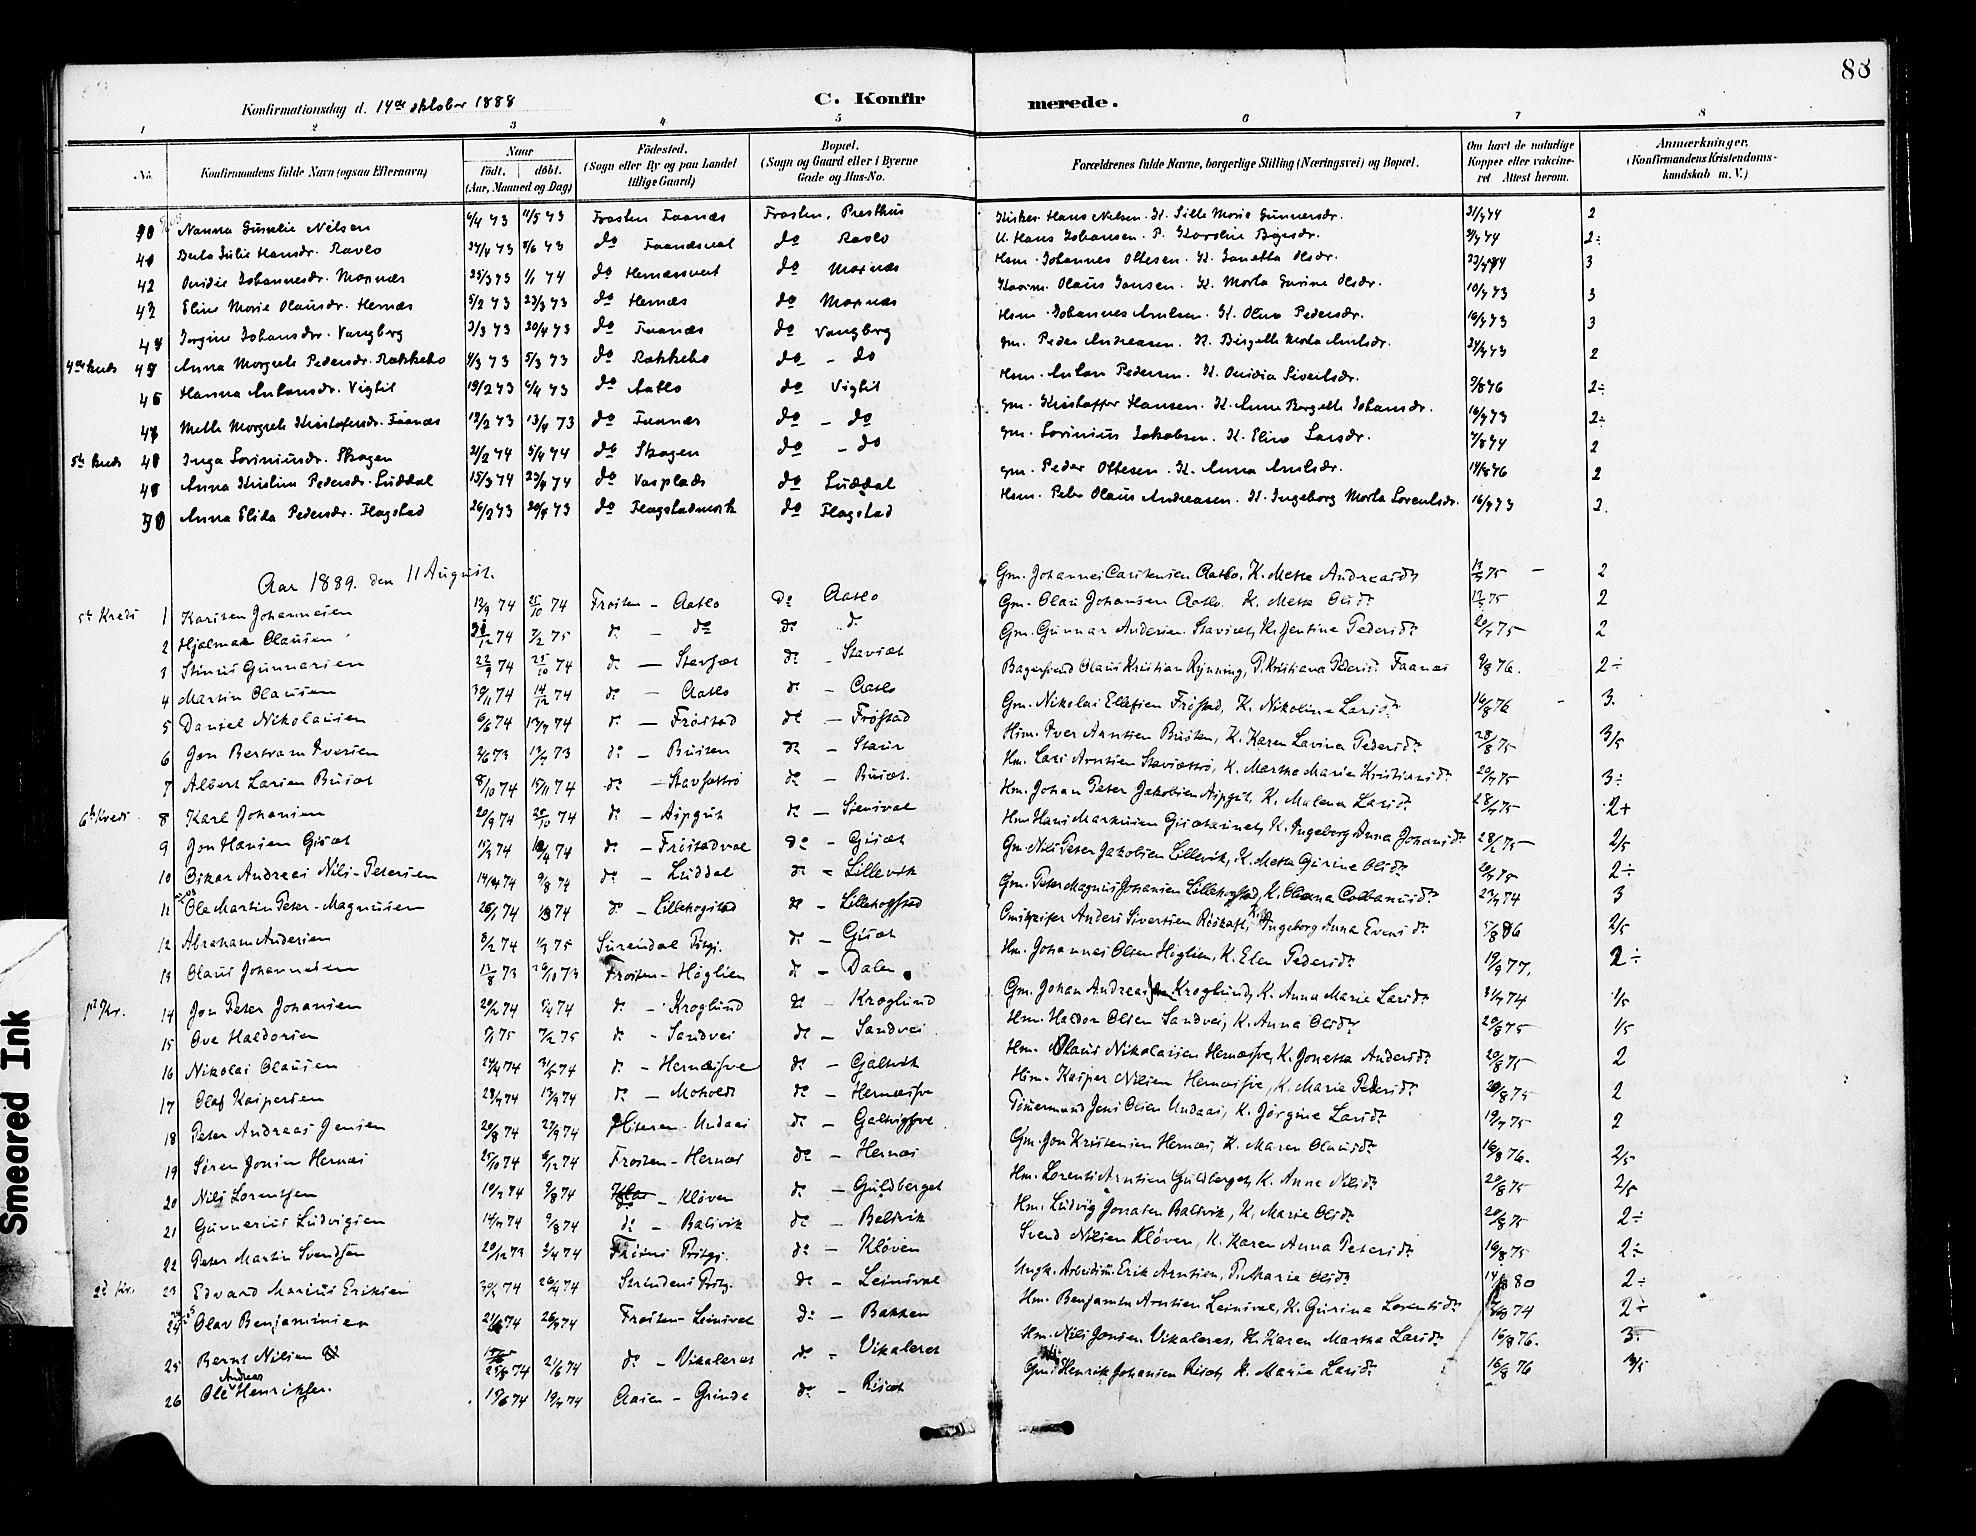 SAT, Ministerialprotokoller, klokkerbøker og fødselsregistre - Nord-Trøndelag, 713/L0121: Ministerialbok nr. 713A10, 1888-1898, s. 88